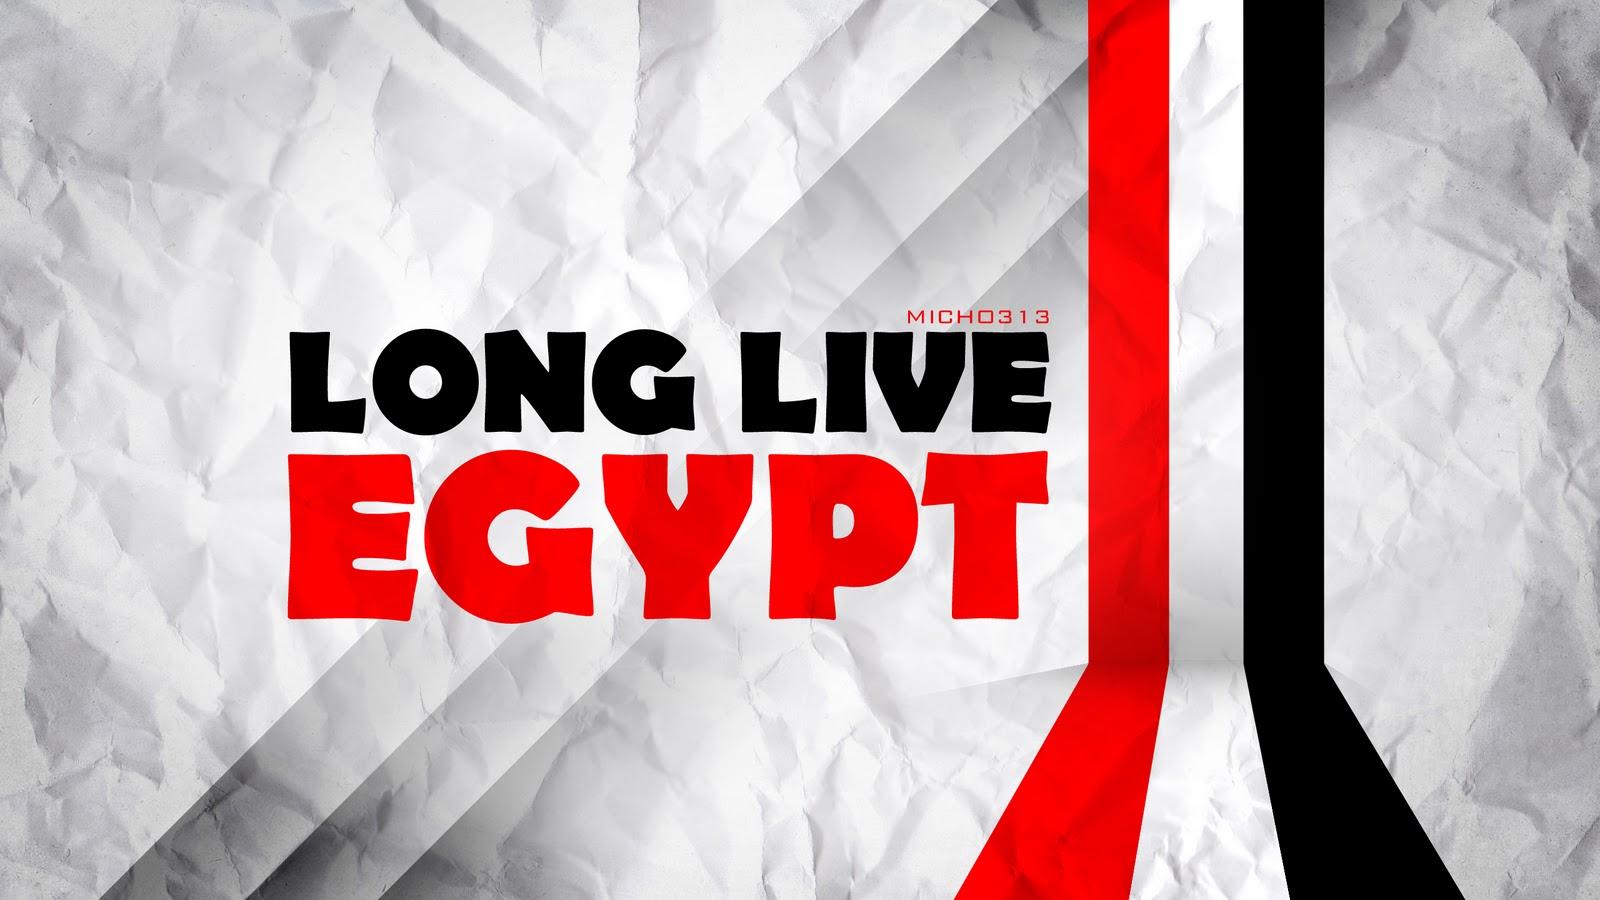 http://2.bp.blogspot.com/_AxB24Csaycc/TVGLRkbF1UI/AAAAAAAAAIU/DijqUAiIb90/s1600/Egypt+wall+paper+copy.jpg